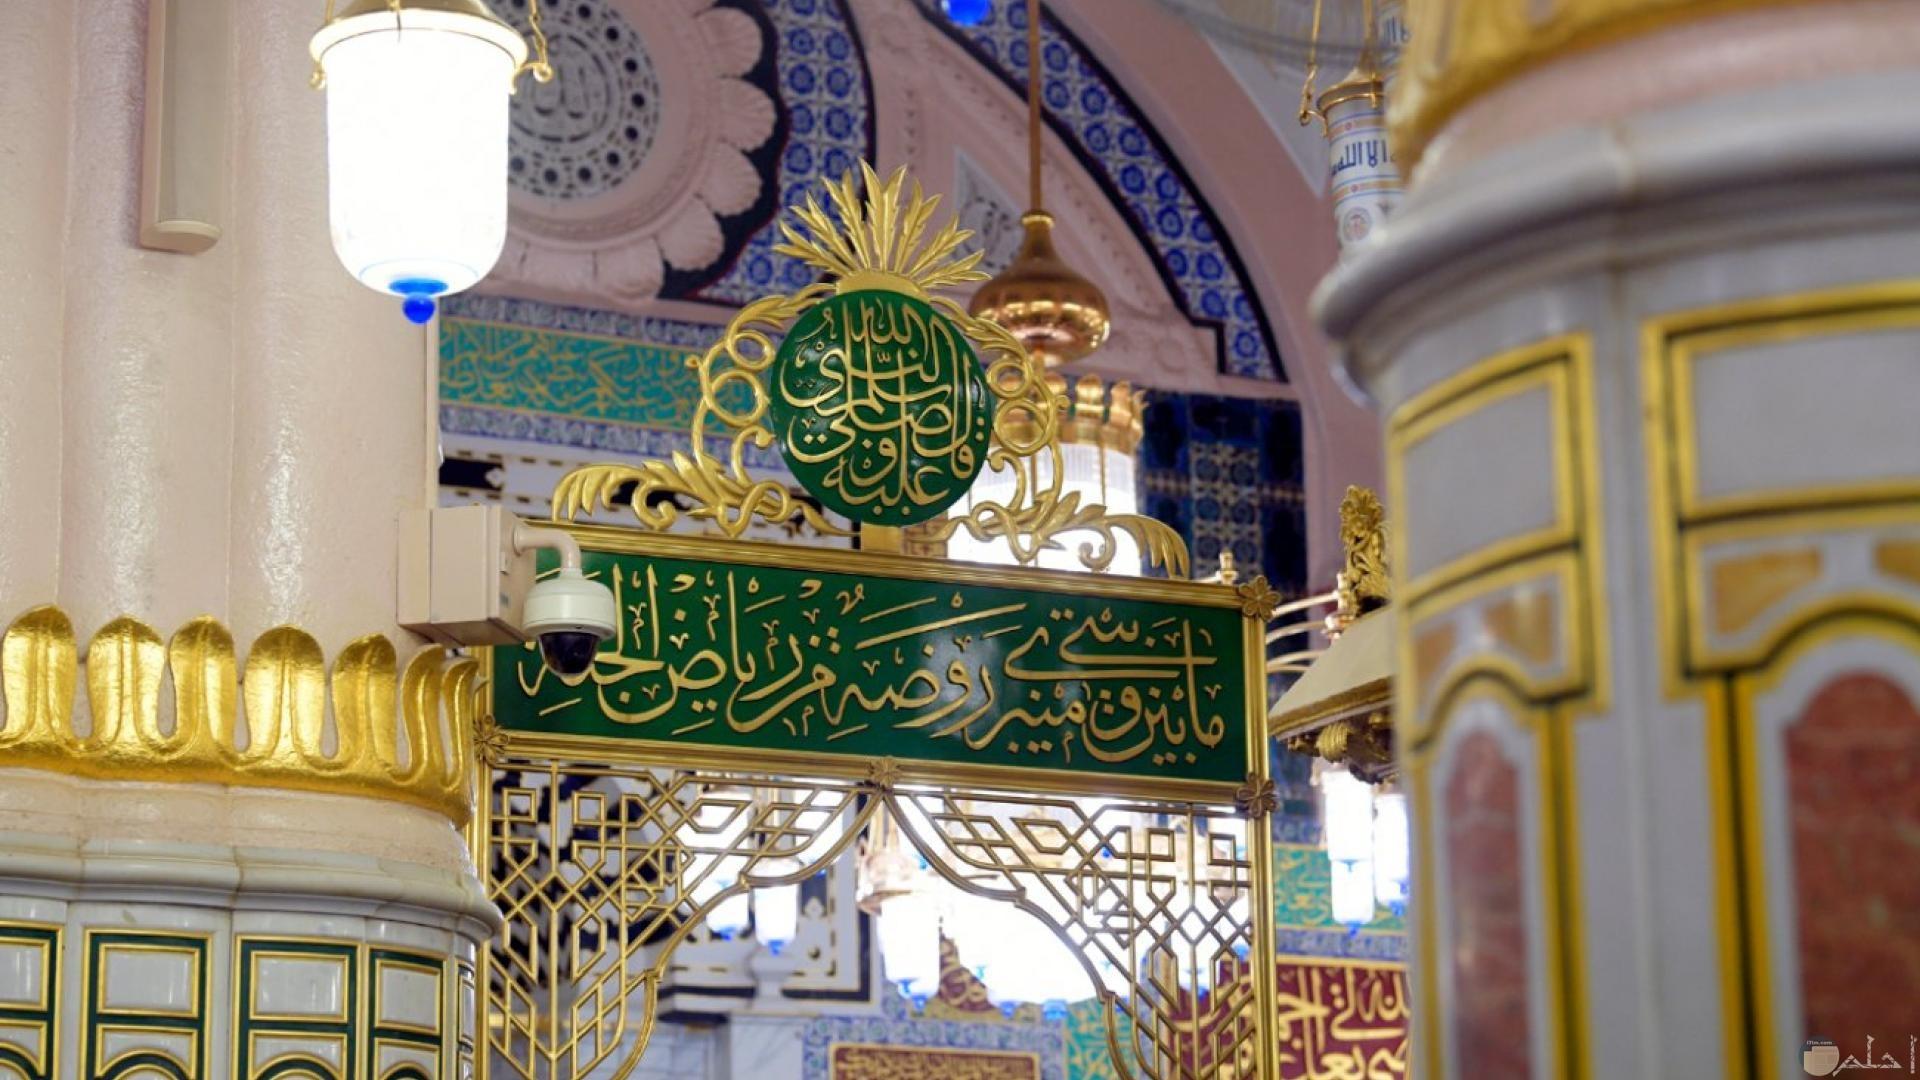 صورة خلفية للفيس بوك من المسجد النبوى الشريف.